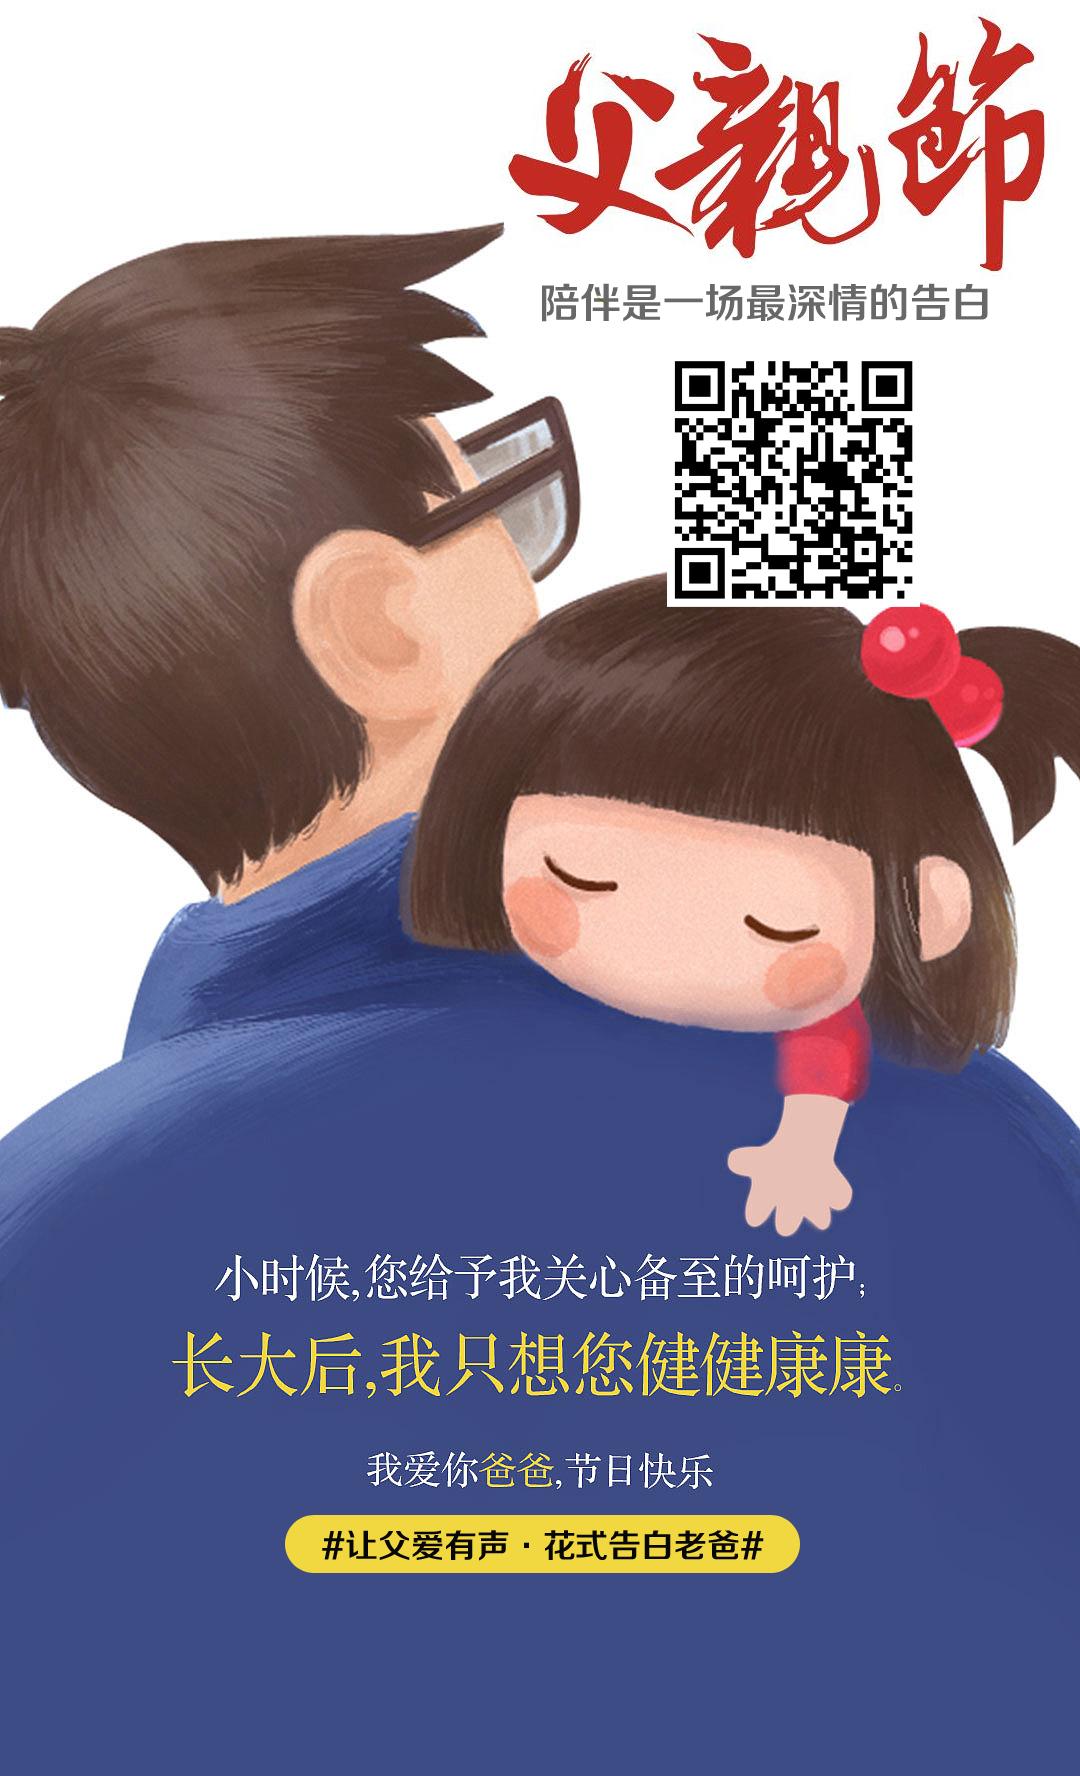 「今日话题」父亲节有奖互动 #让父爱有声·花式告白老爸# 你最想对爸爸说点什么?